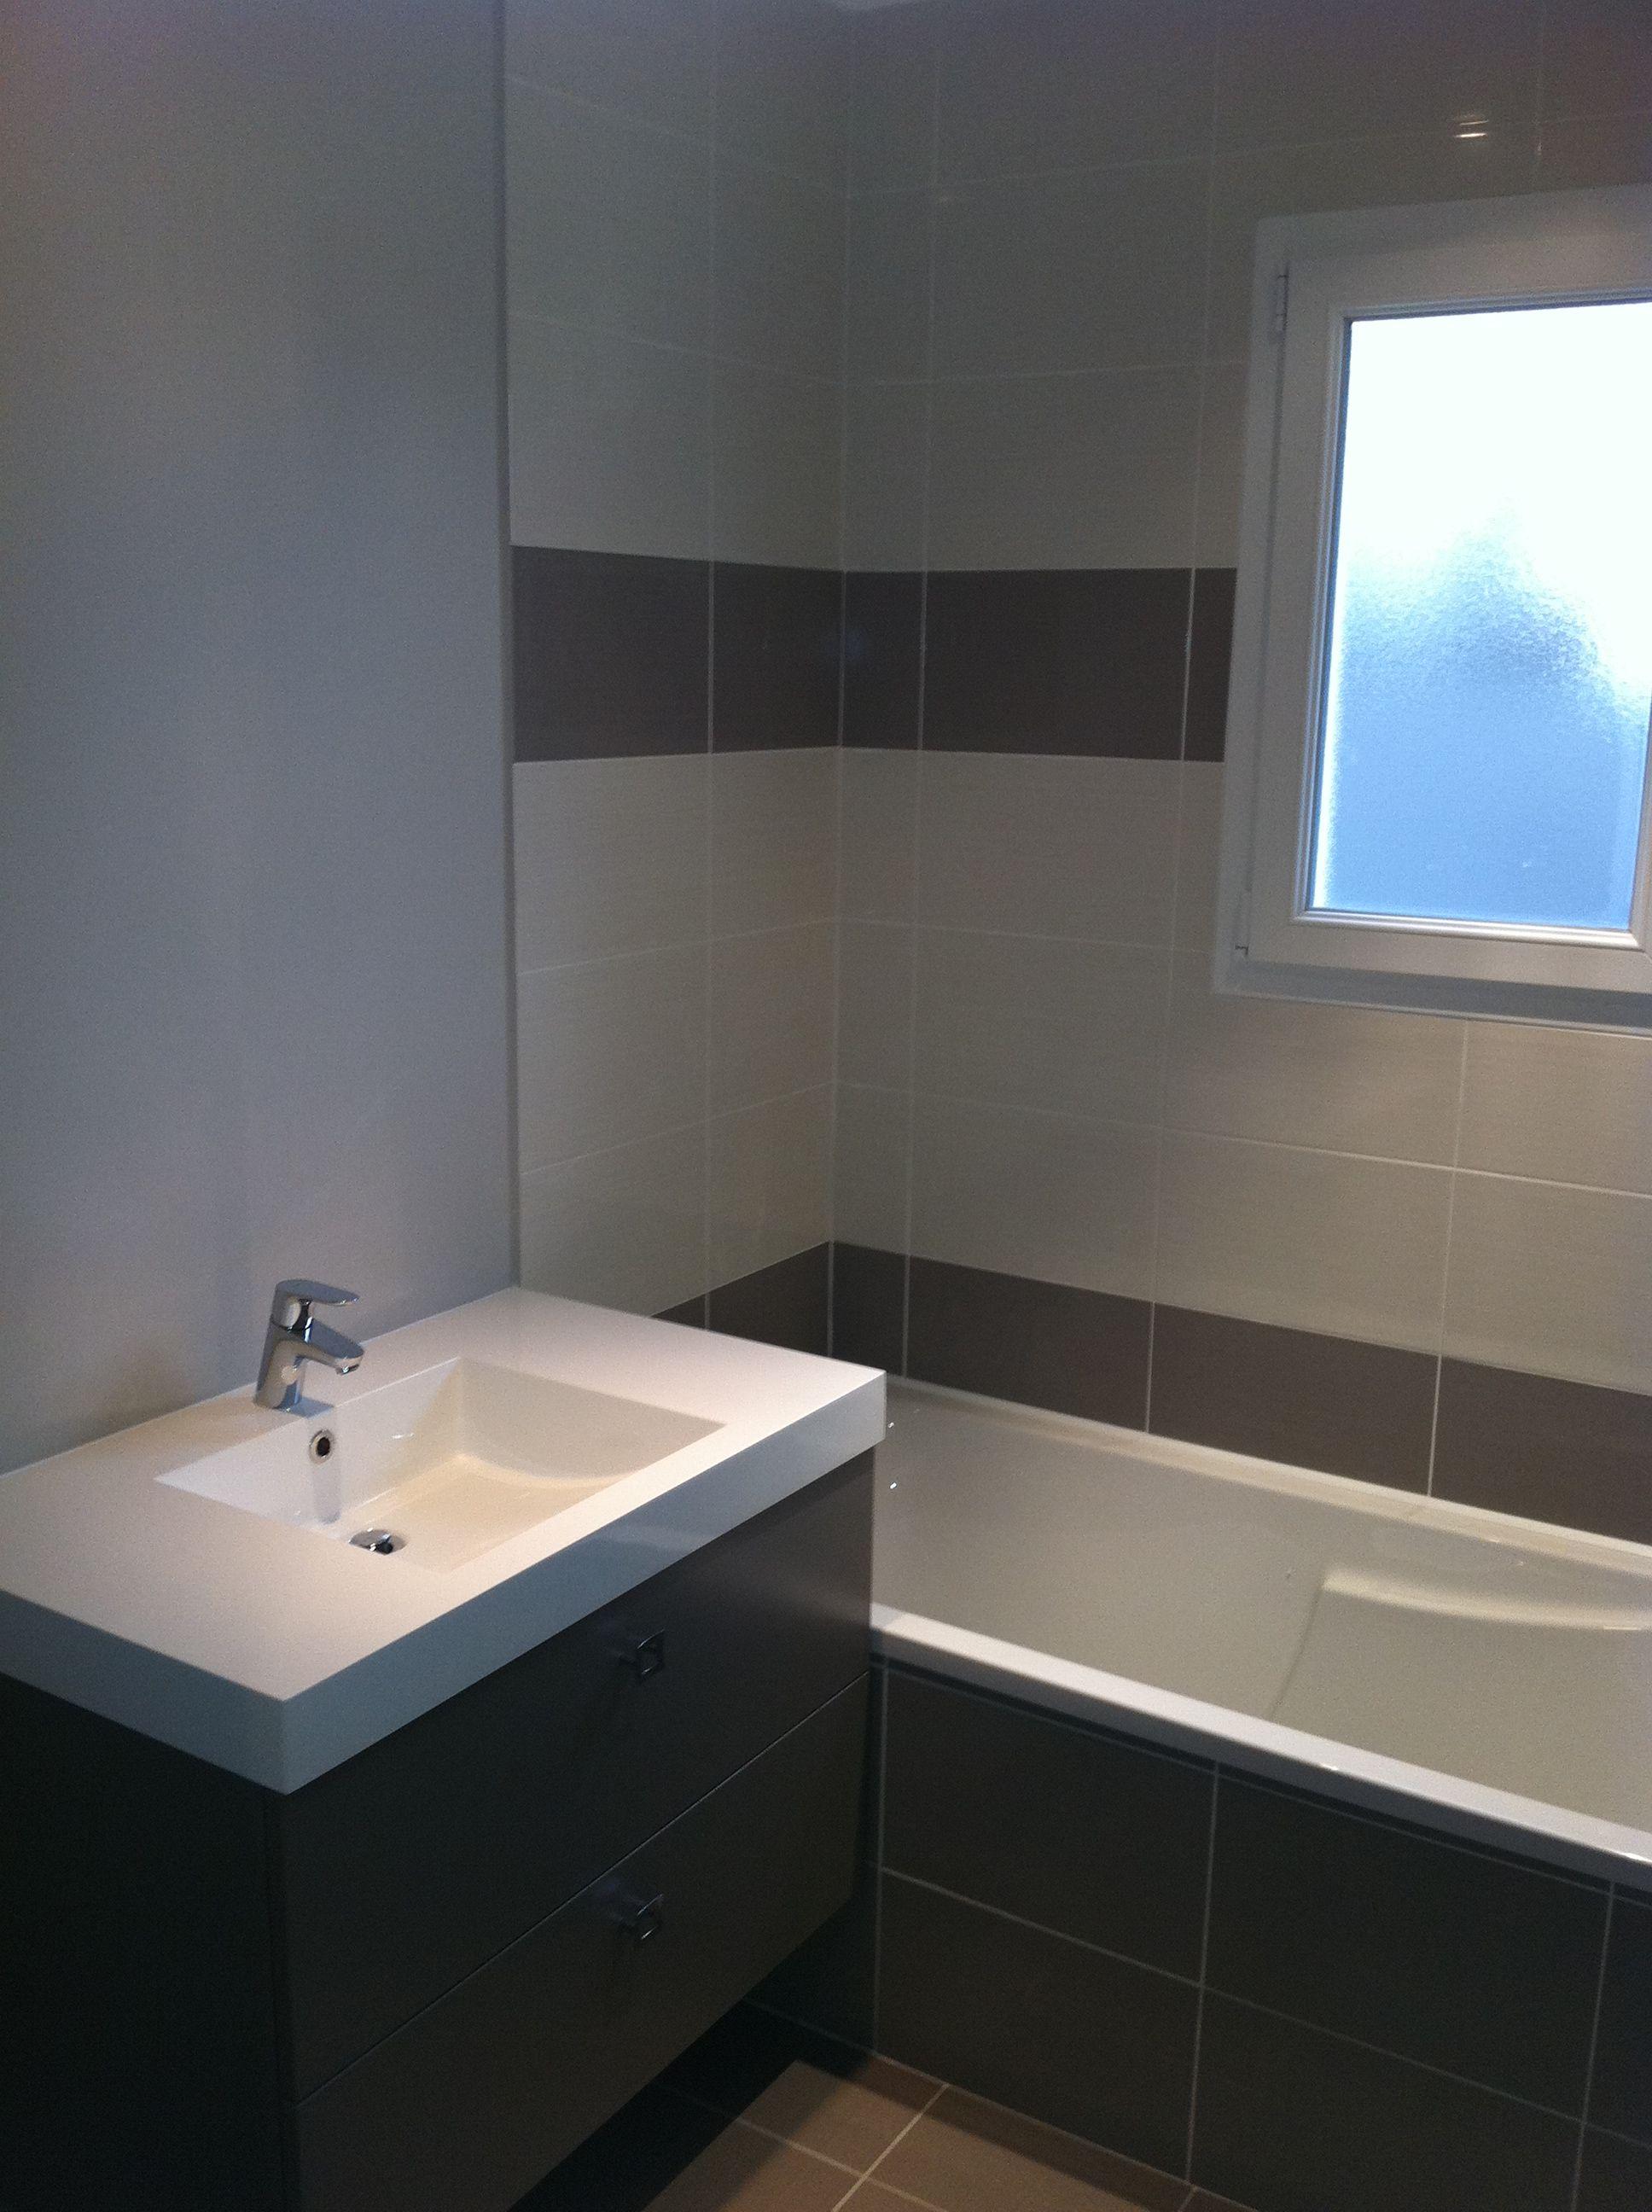 salle de bain noir et blanc bathrooms pinterest salles de